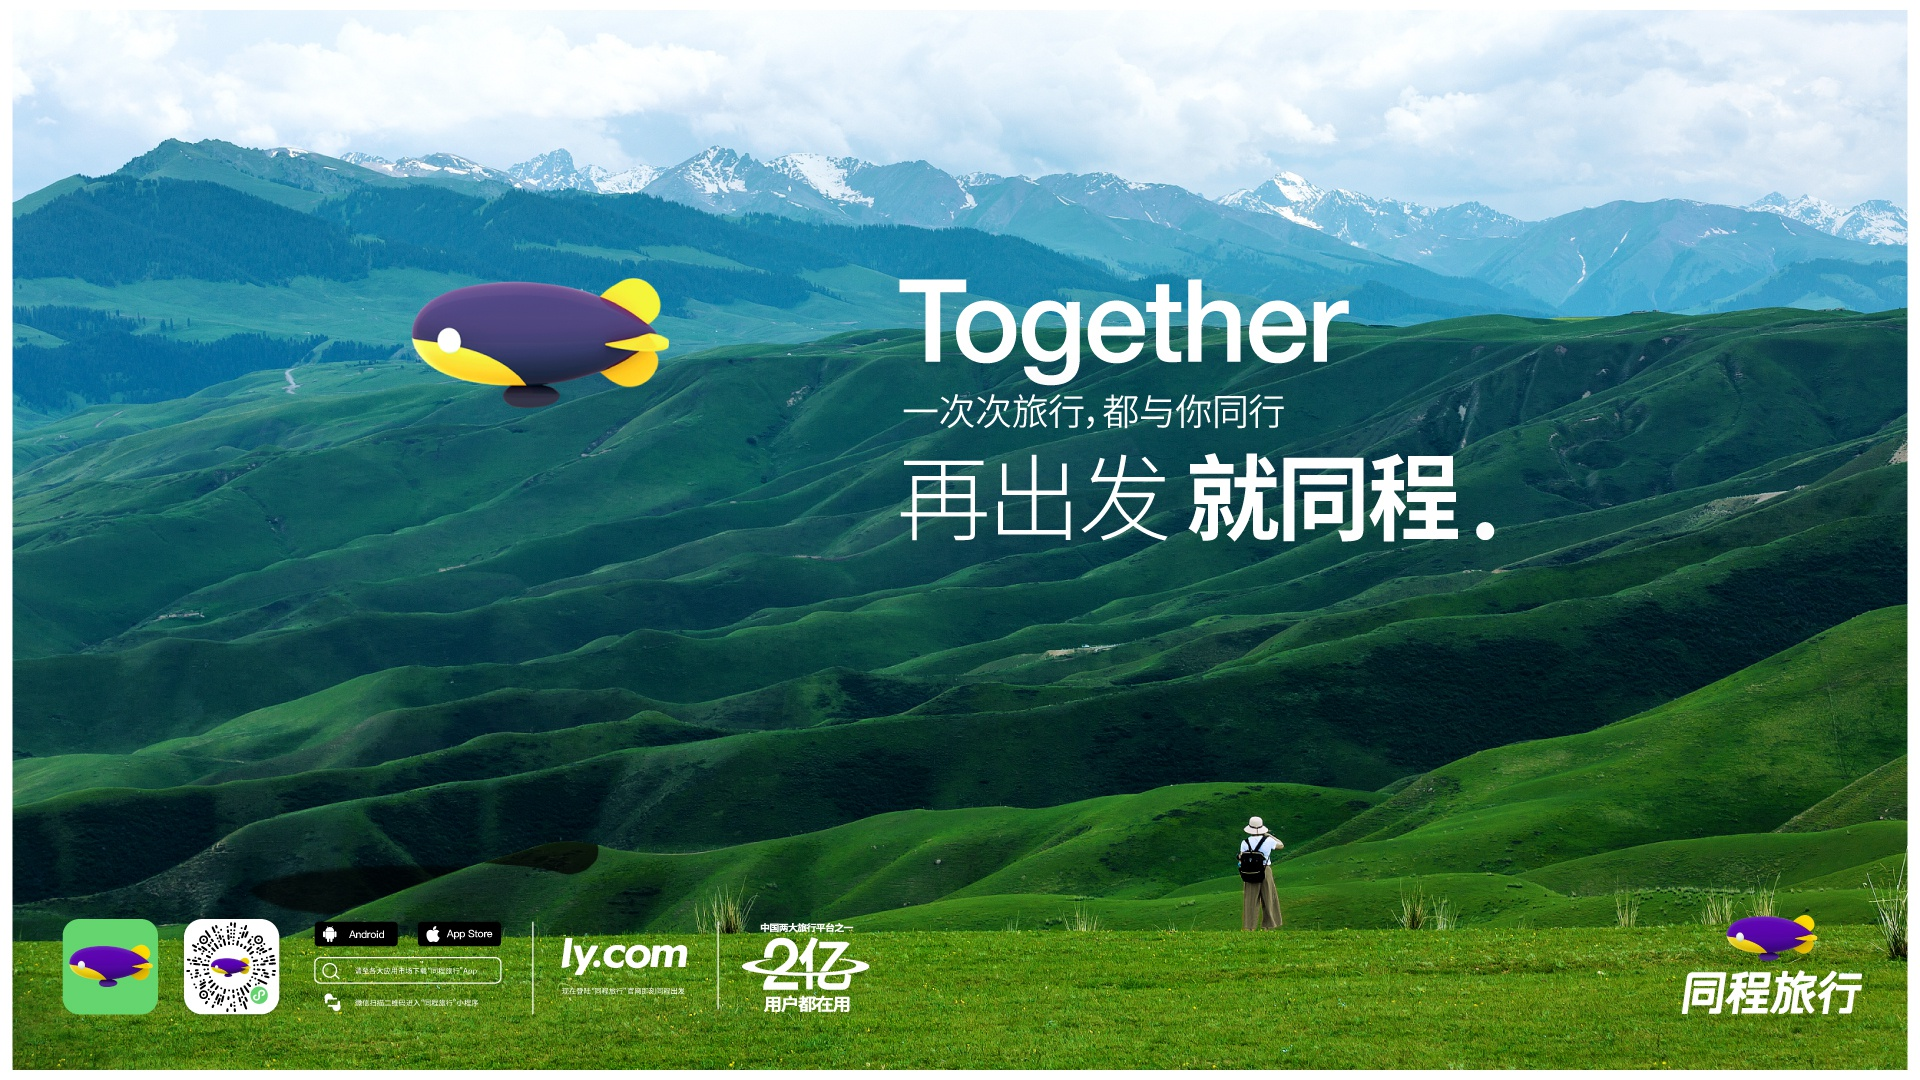 同程摩天主管艺龙升级品牌更名为同程旅行,摩天主管图片